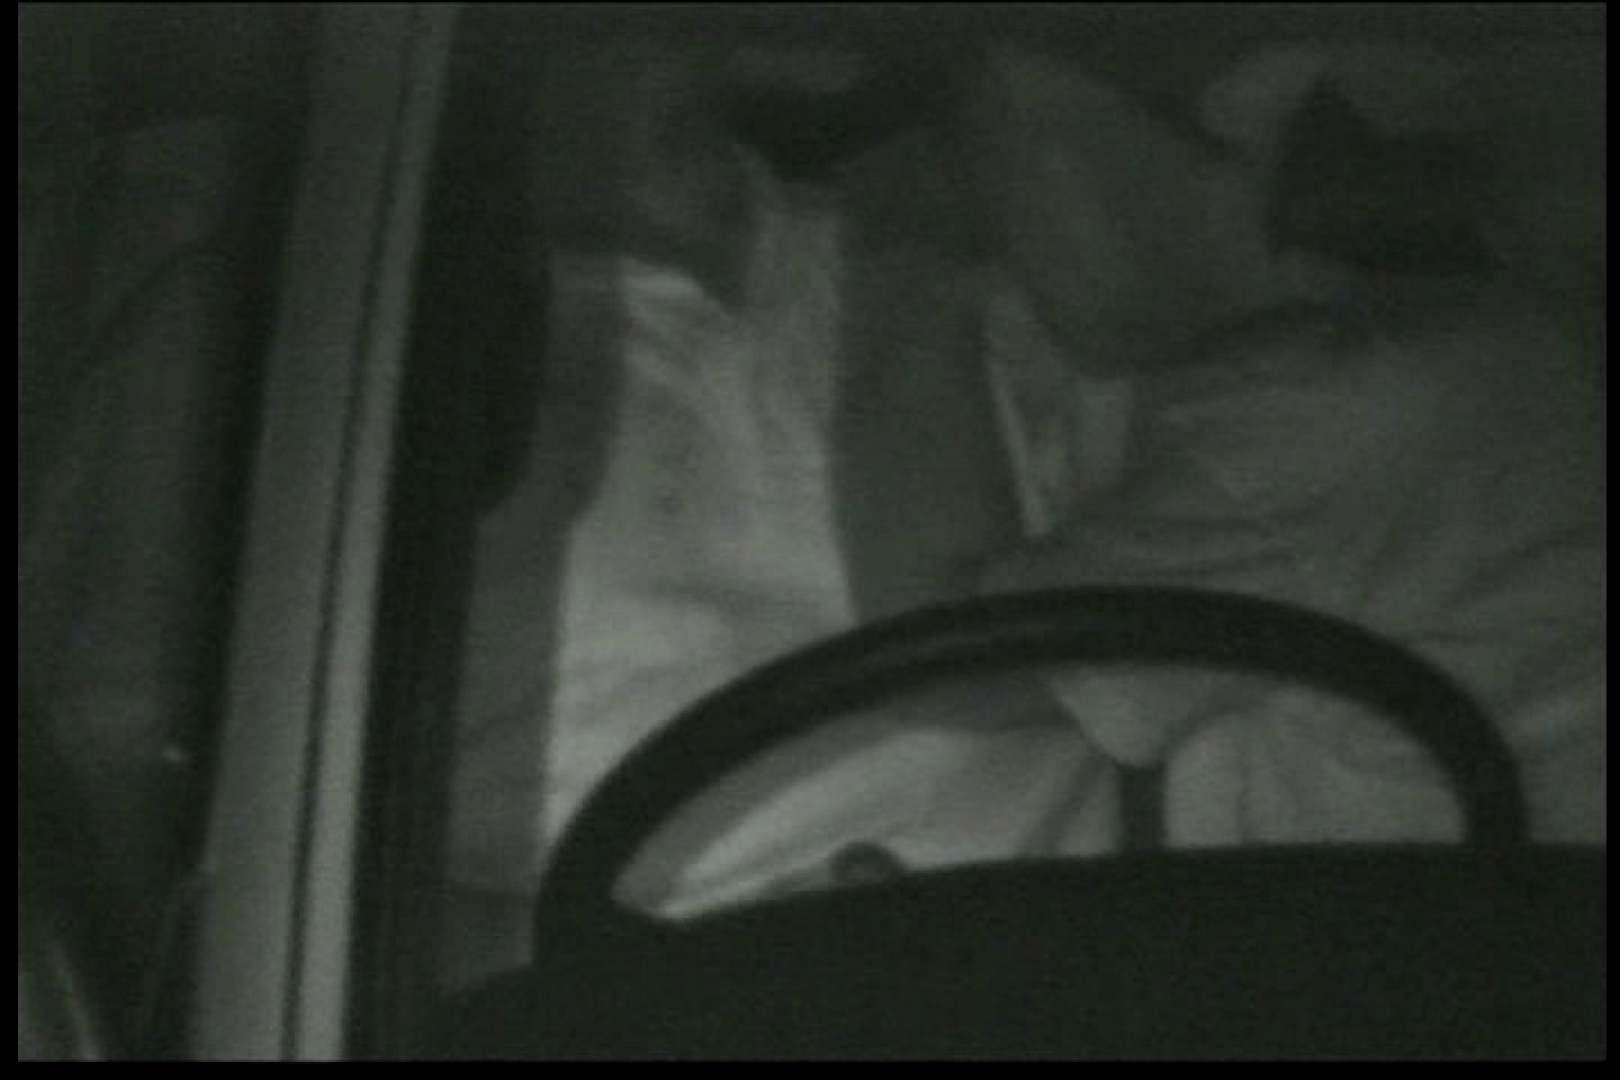 車の中はラブホテル 無修正版  Vol.12 エロティックなOL 盗み撮り動画 93画像 18